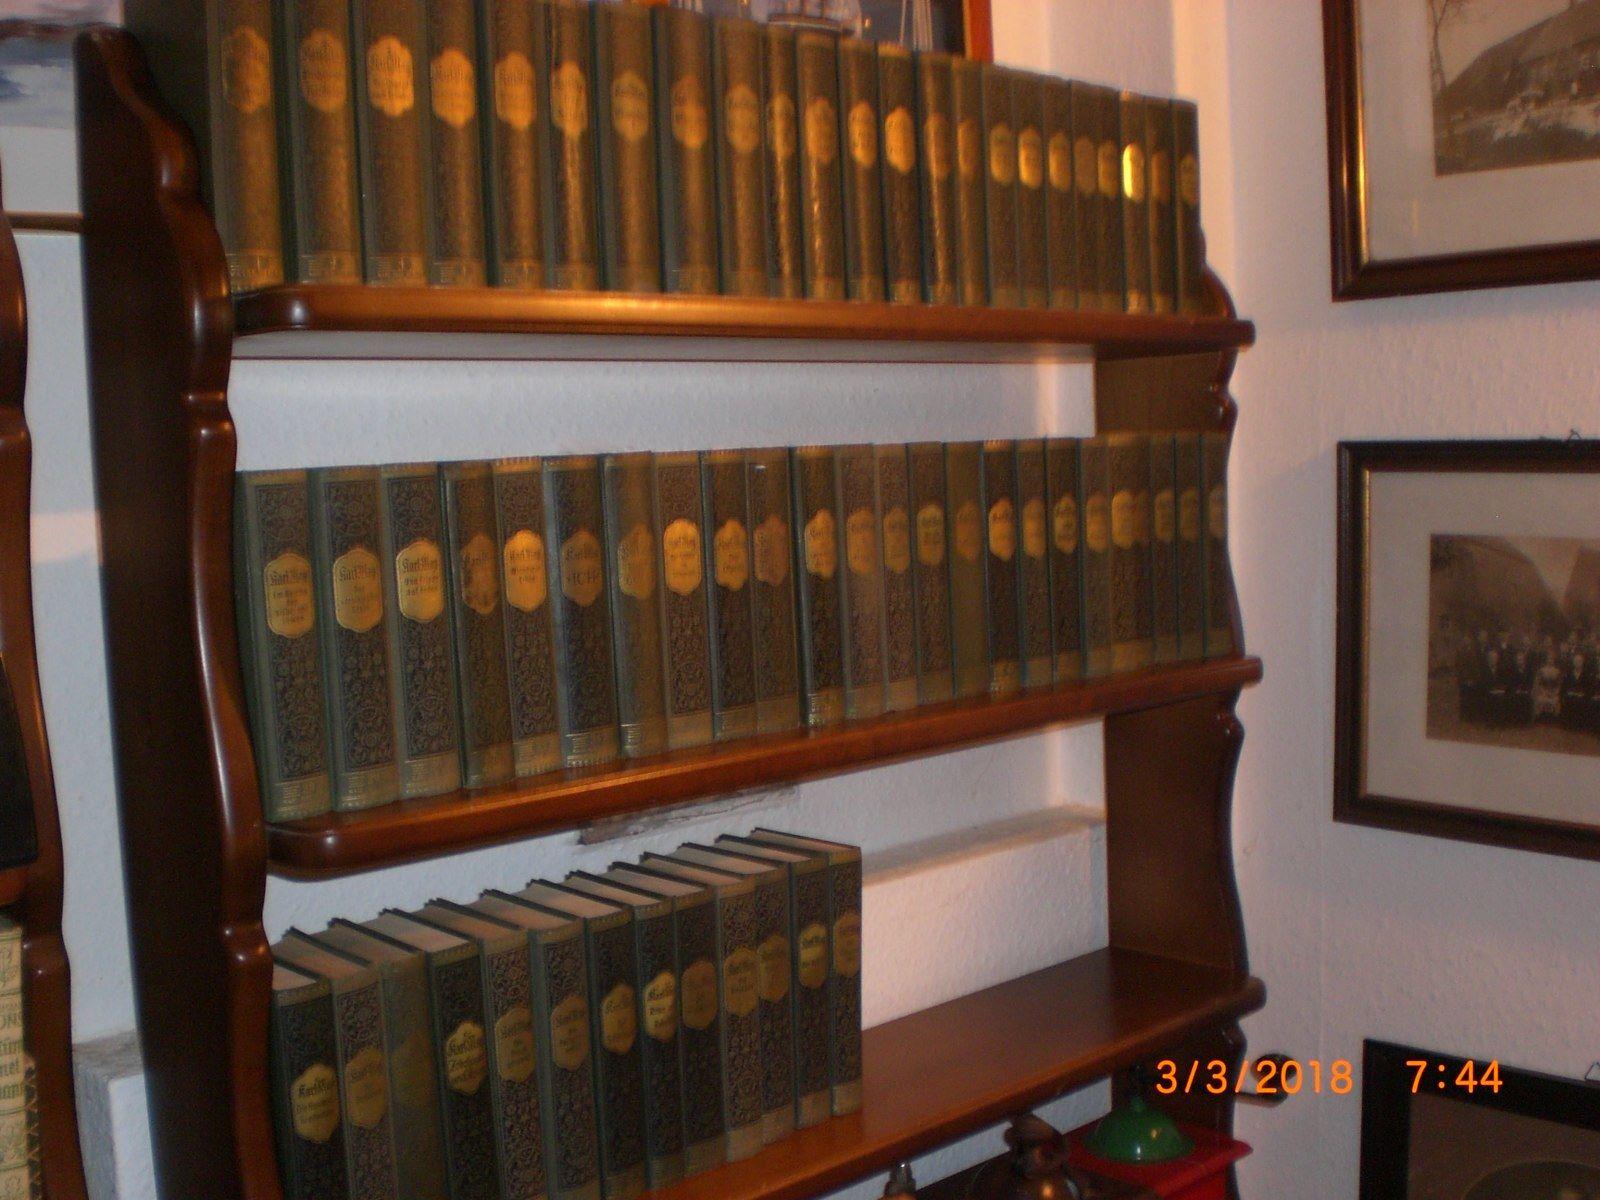 Karl May Sammlung 60 Bände Konvolut Verlag Bamberg Literatur (Fotos!)